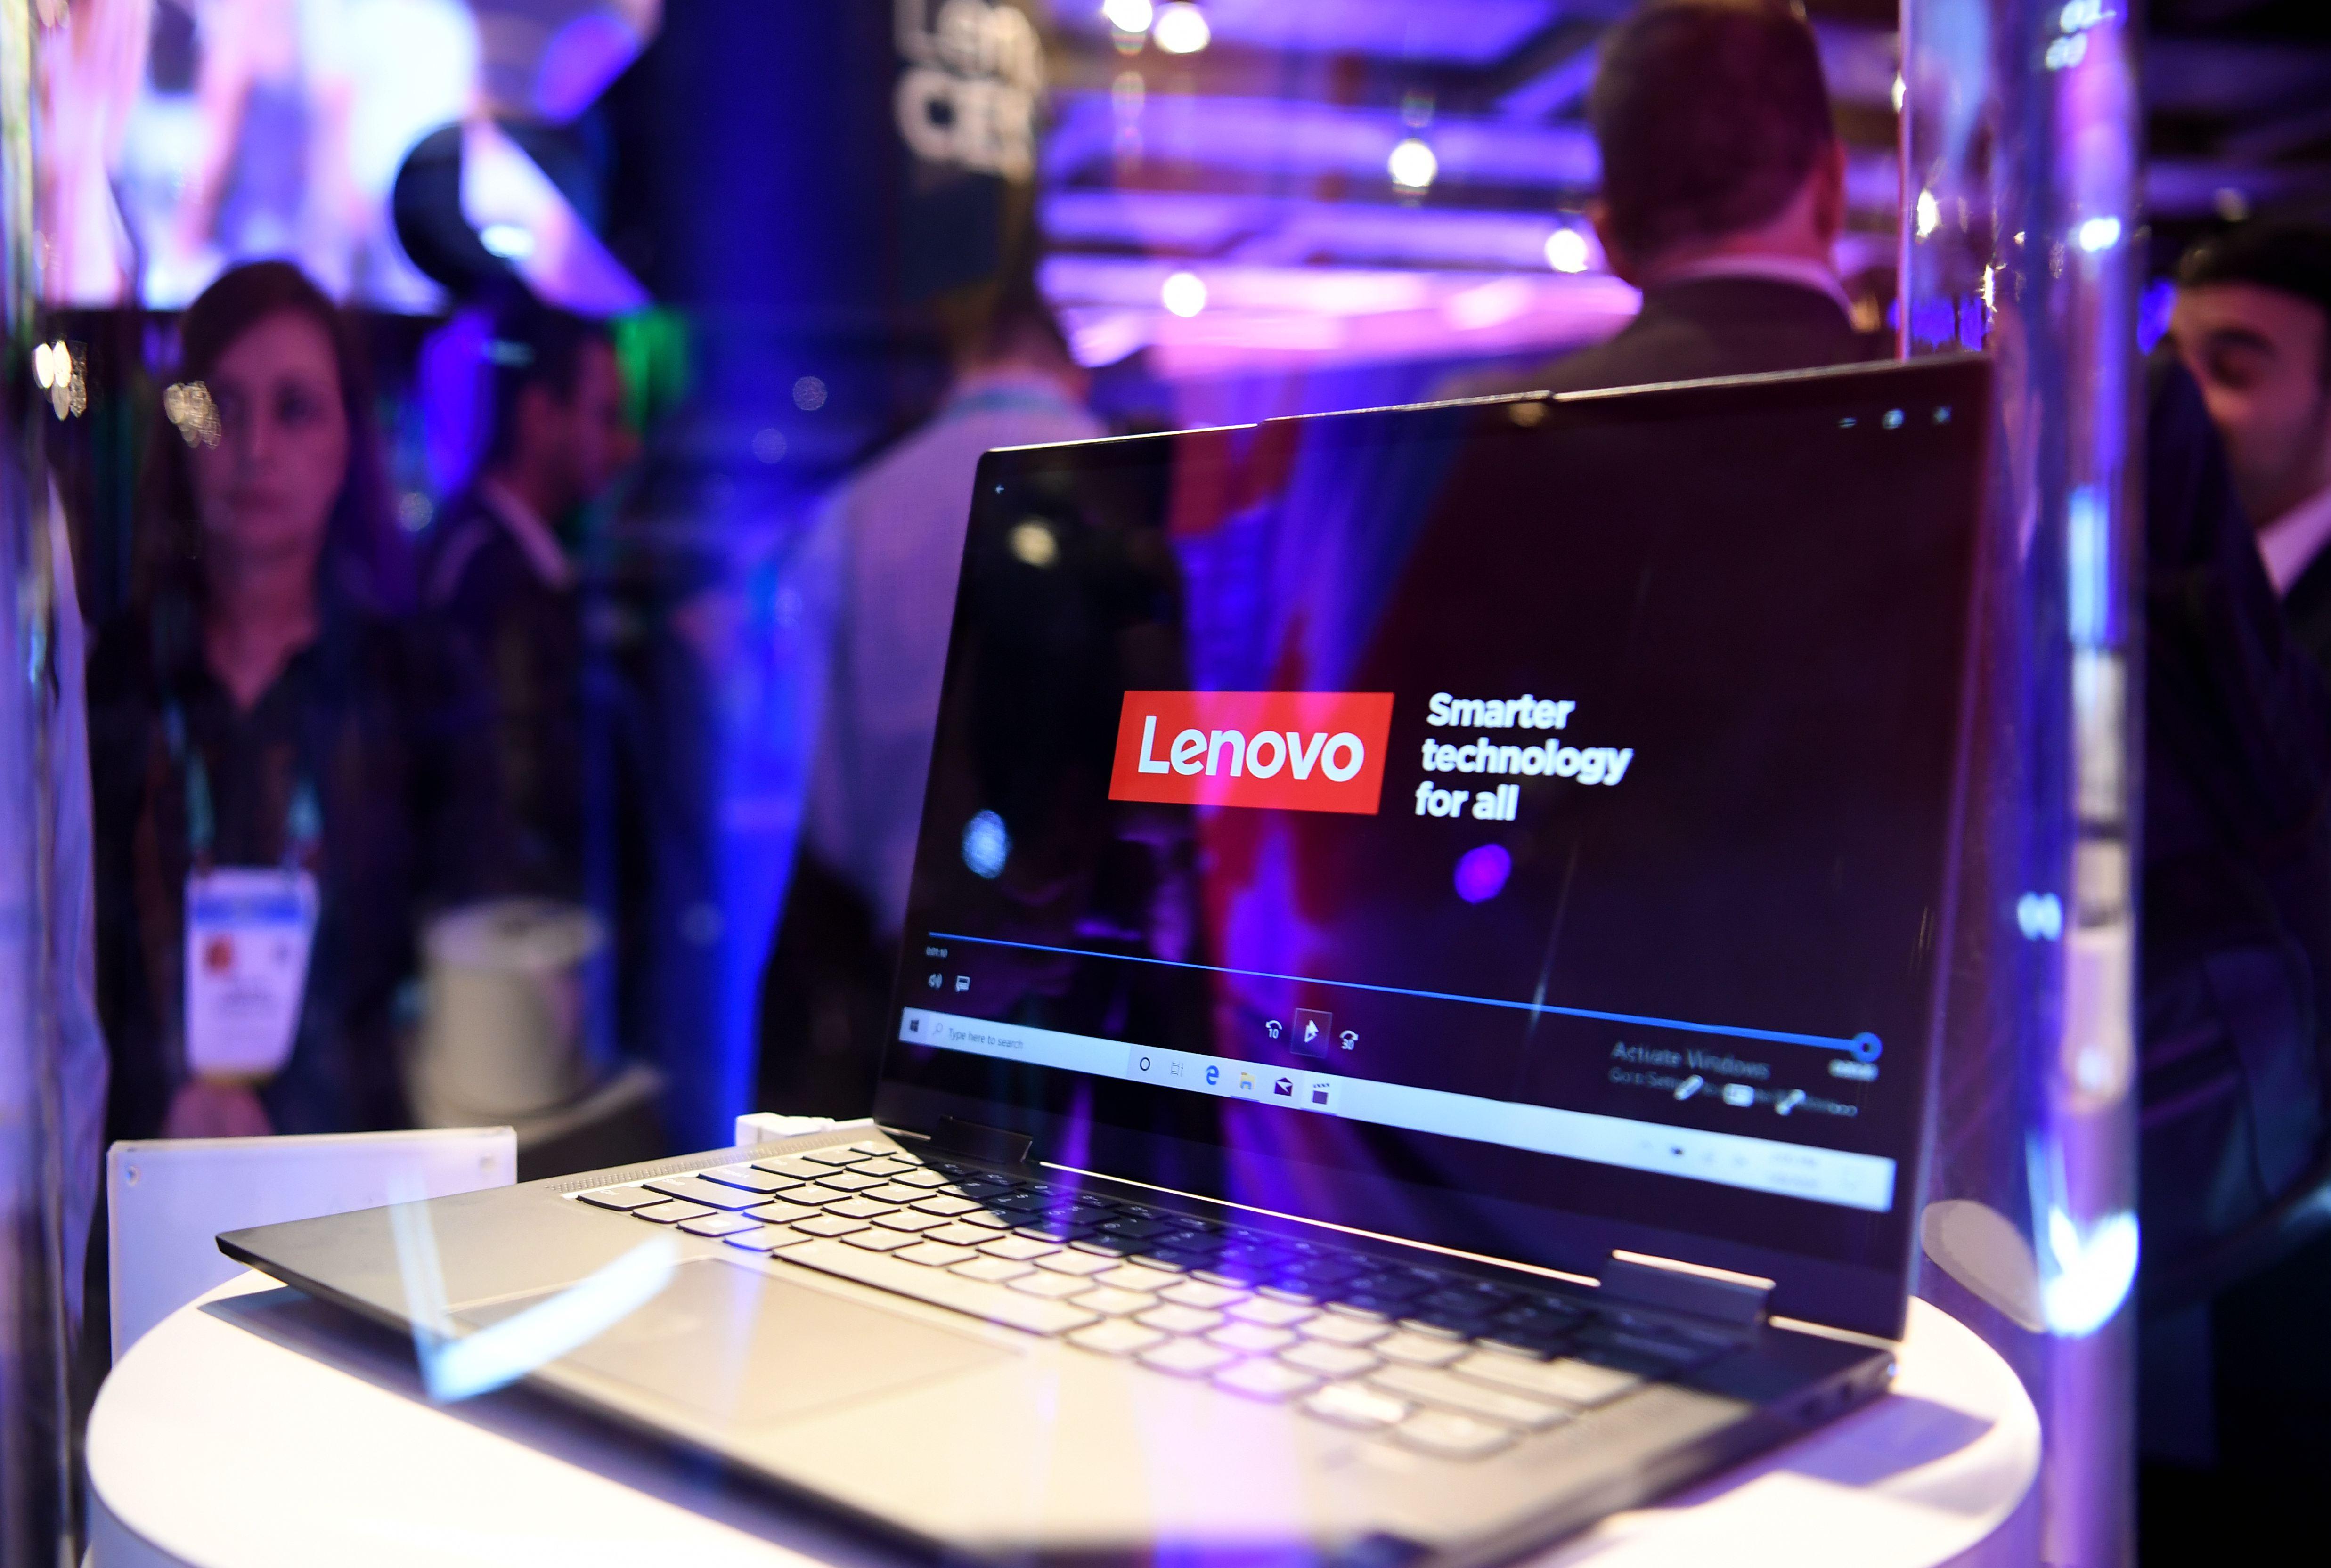 レノボ、世界初の5G対応パソコン発表